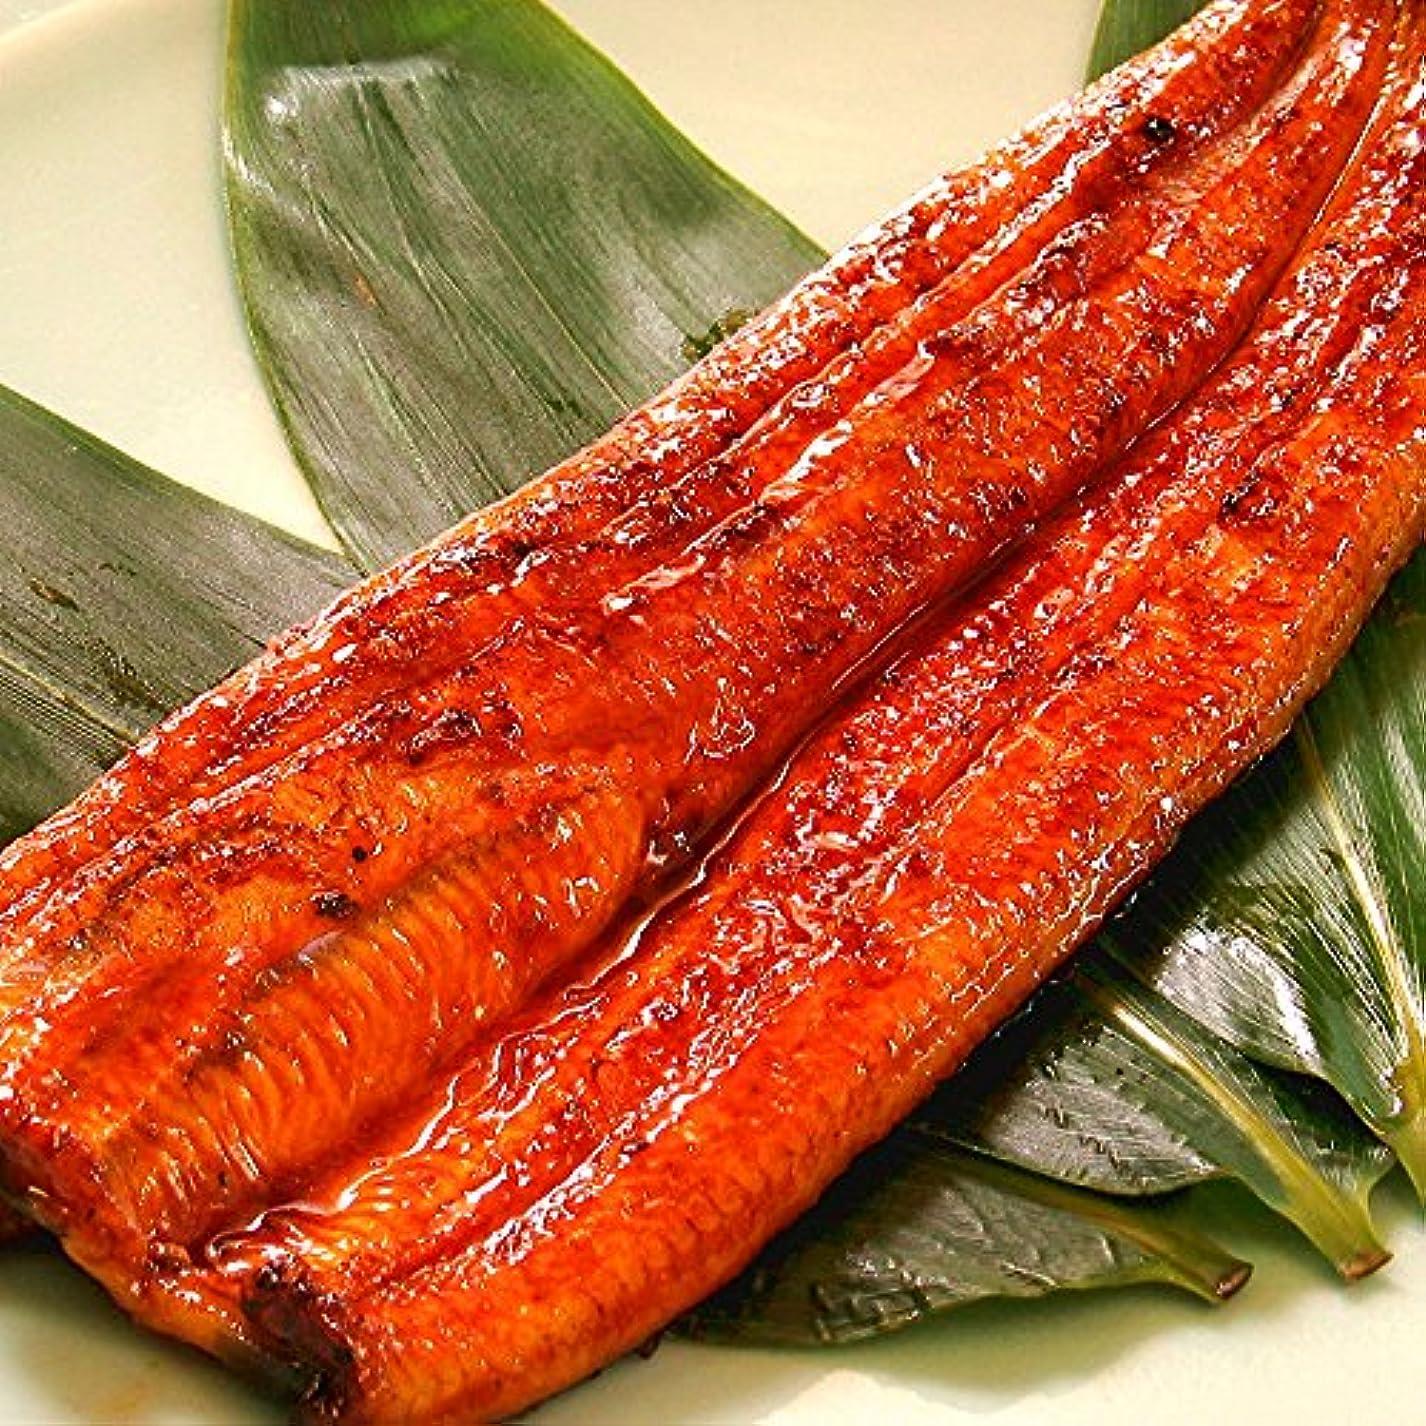 邪魔するの量伝染性の鰻(うなぎ)の長蒲焼き 大サイズ(150~160g)たれ?山椒?吸物付 (1本)